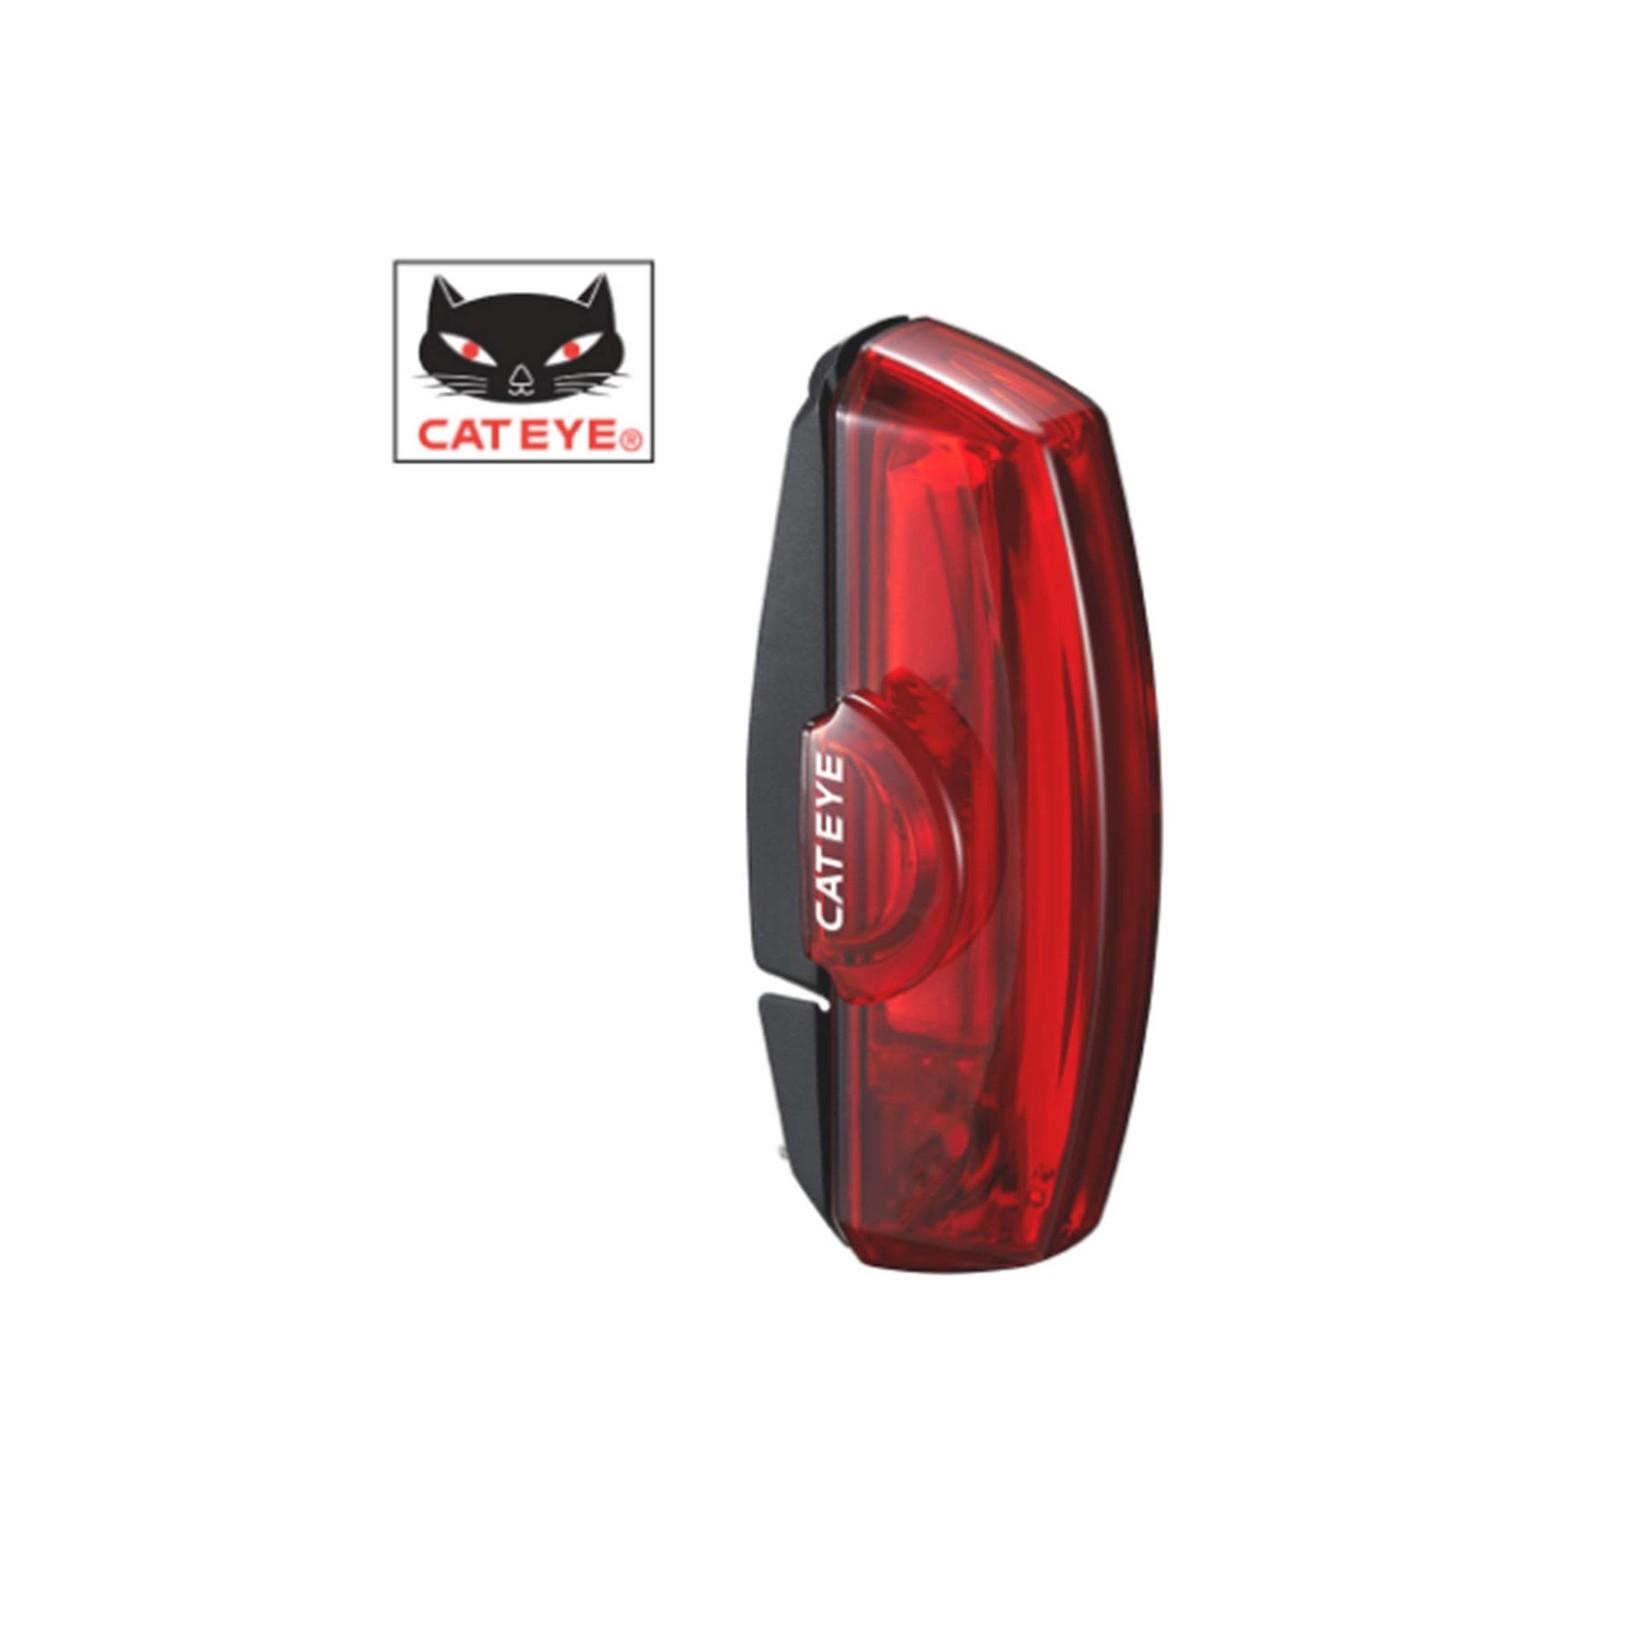 Cateye RapidX Rear Light